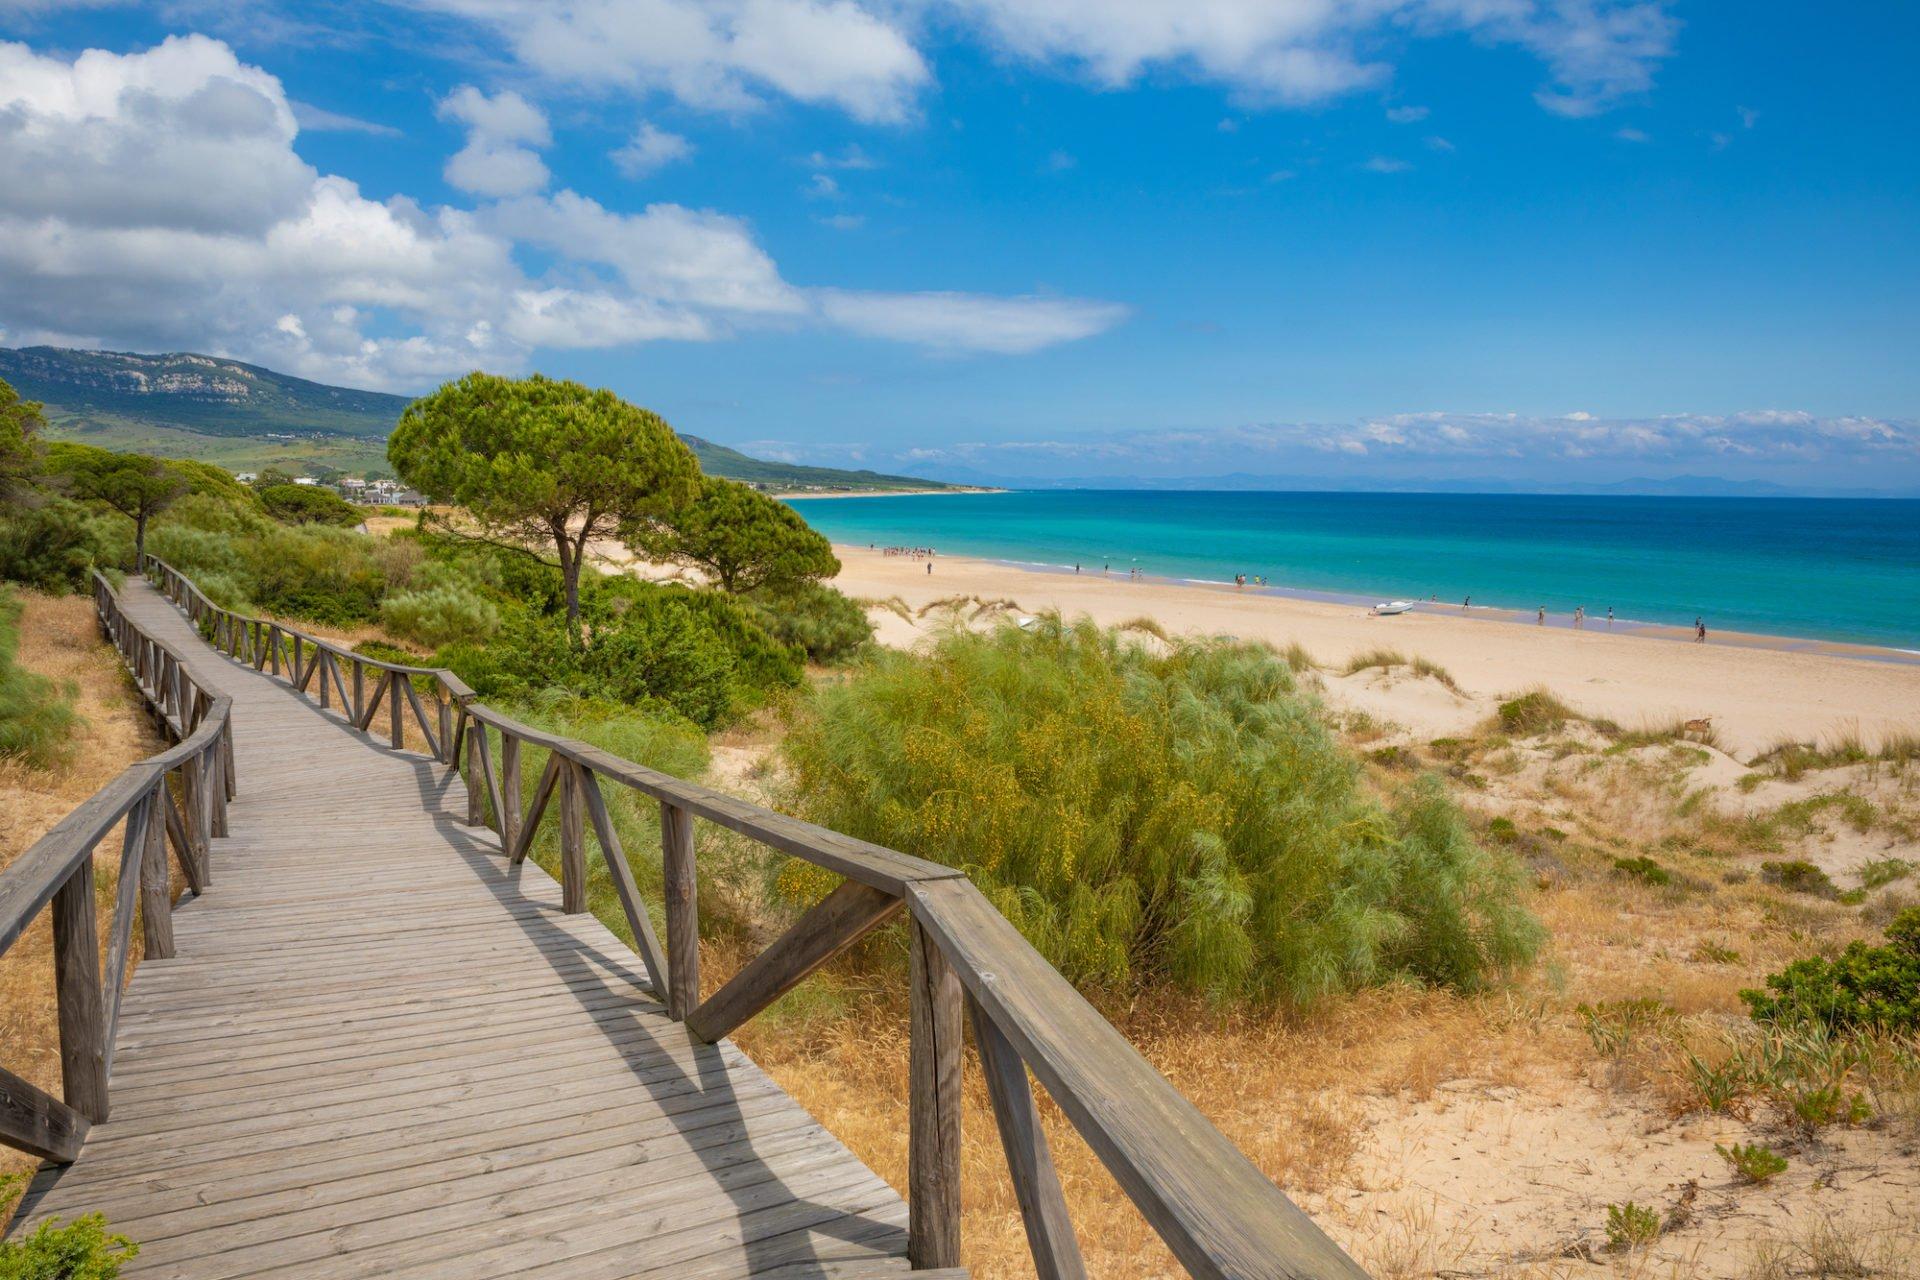 Costa de la Luz Tipps - Spanien Urlaub inmitten unberührter Natur